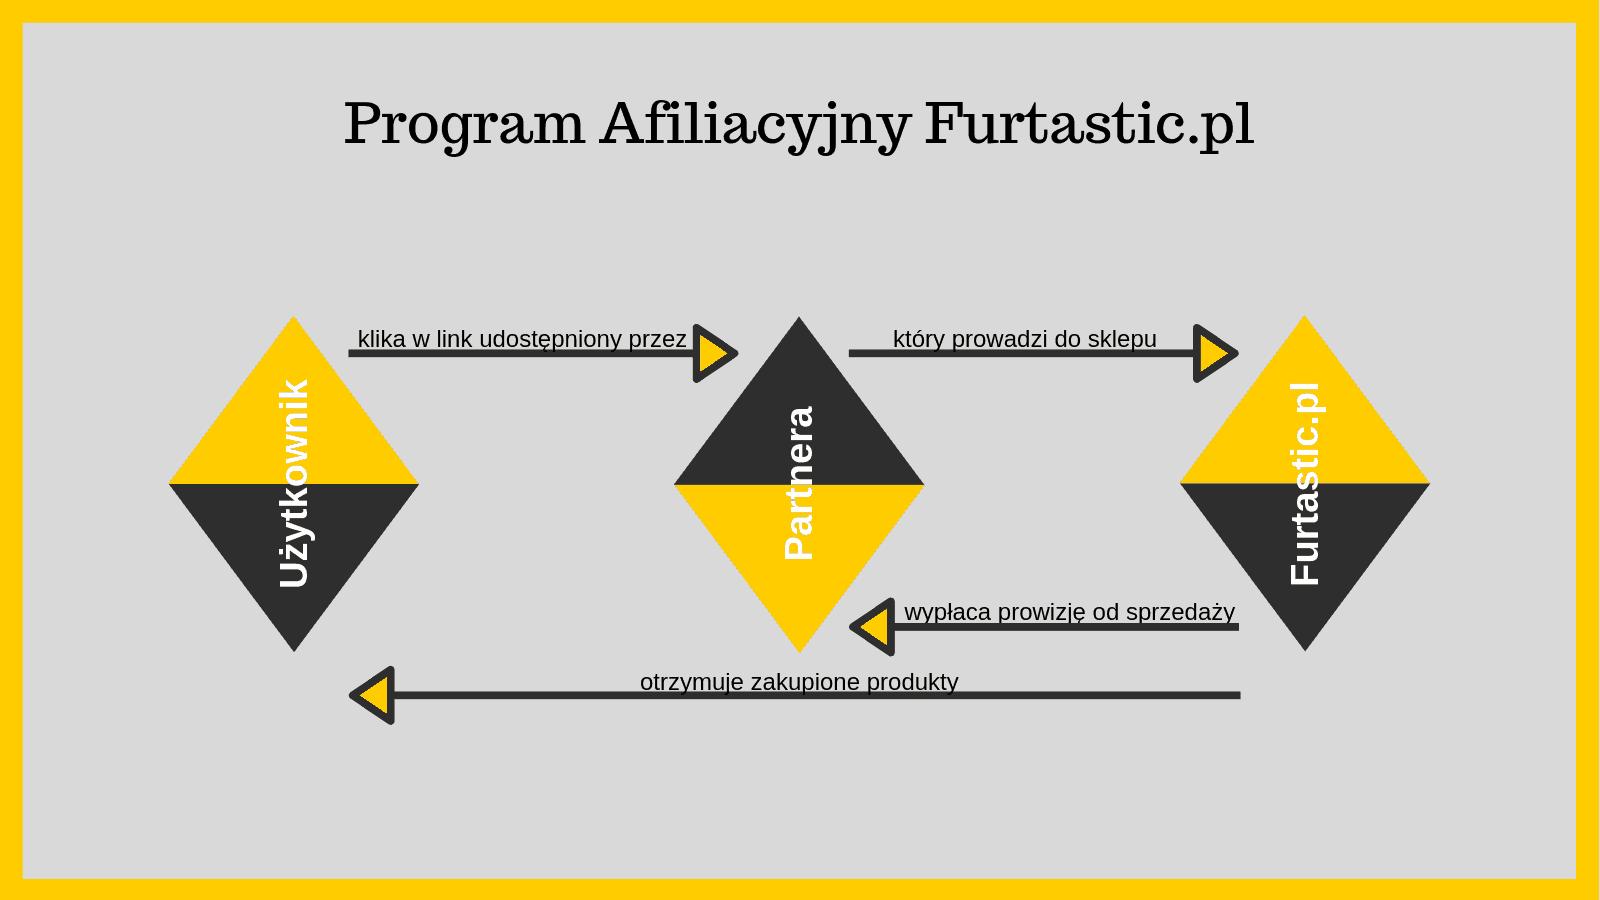 Infografika przedstawiająca schemat programu afiliacyjnego Furtastic.pl